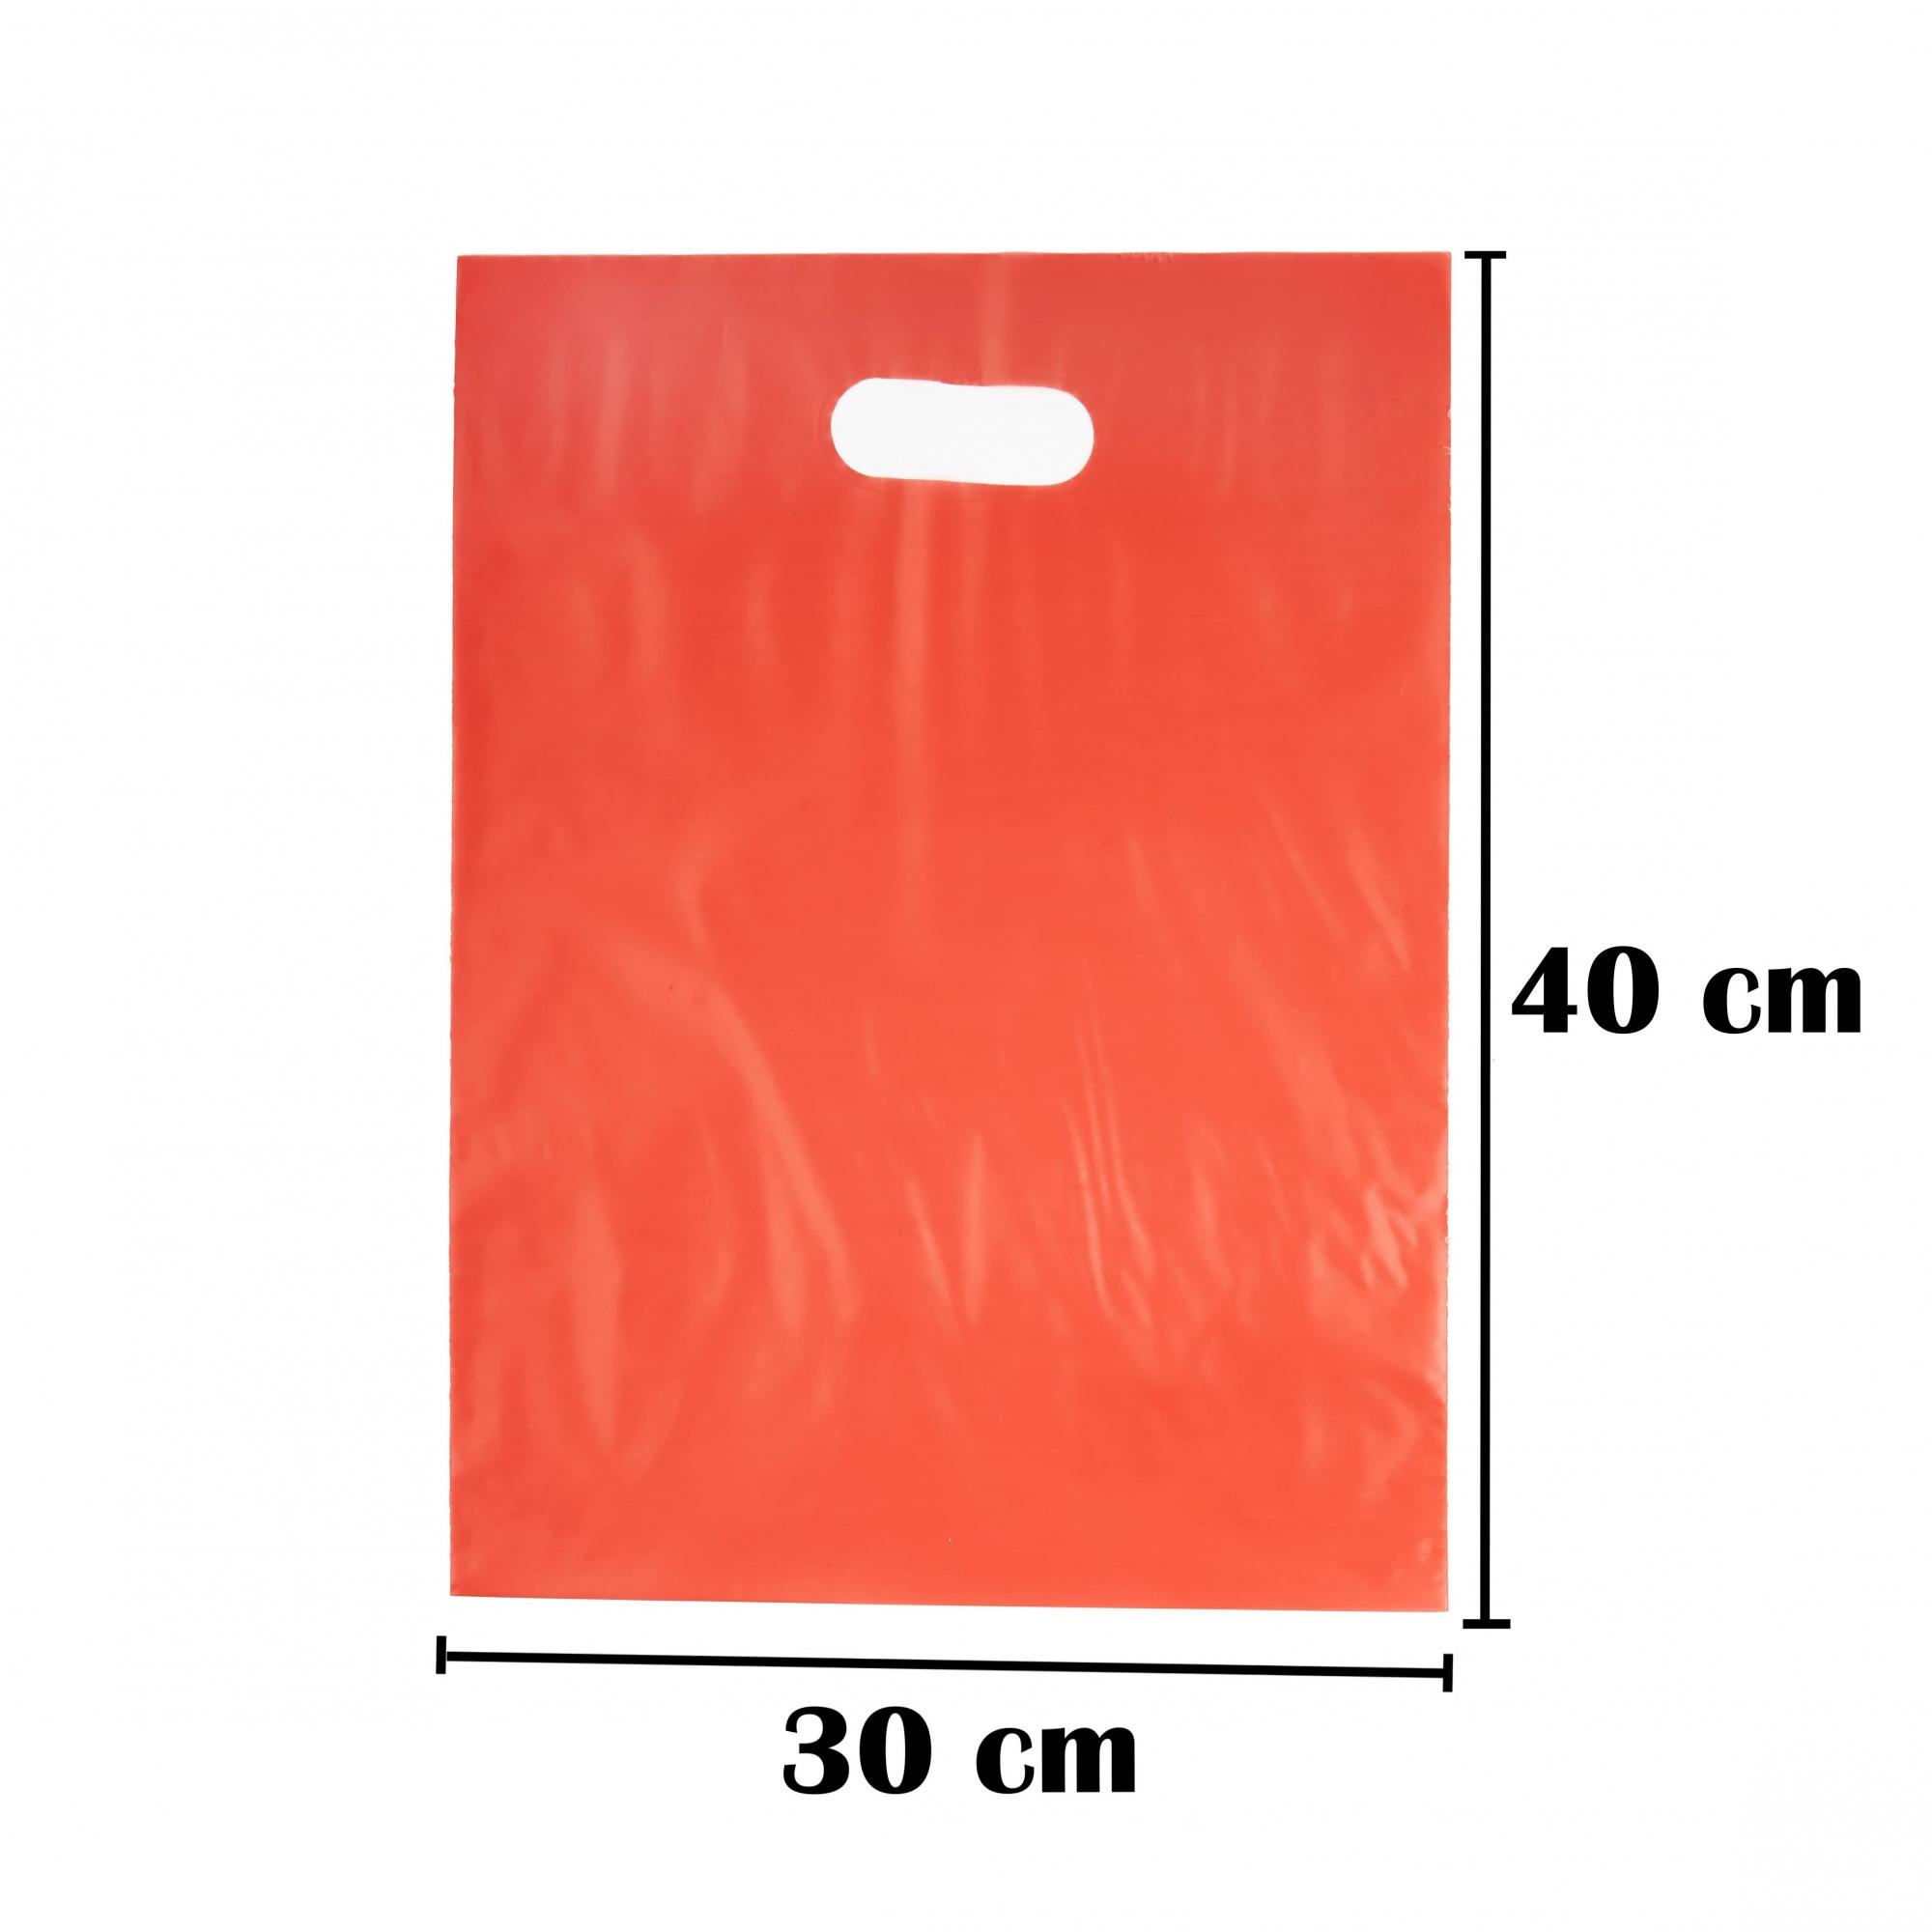 Sacola Plástica 30x40 Vermelha - Alça Boca de Palhaço - 50 Unidades